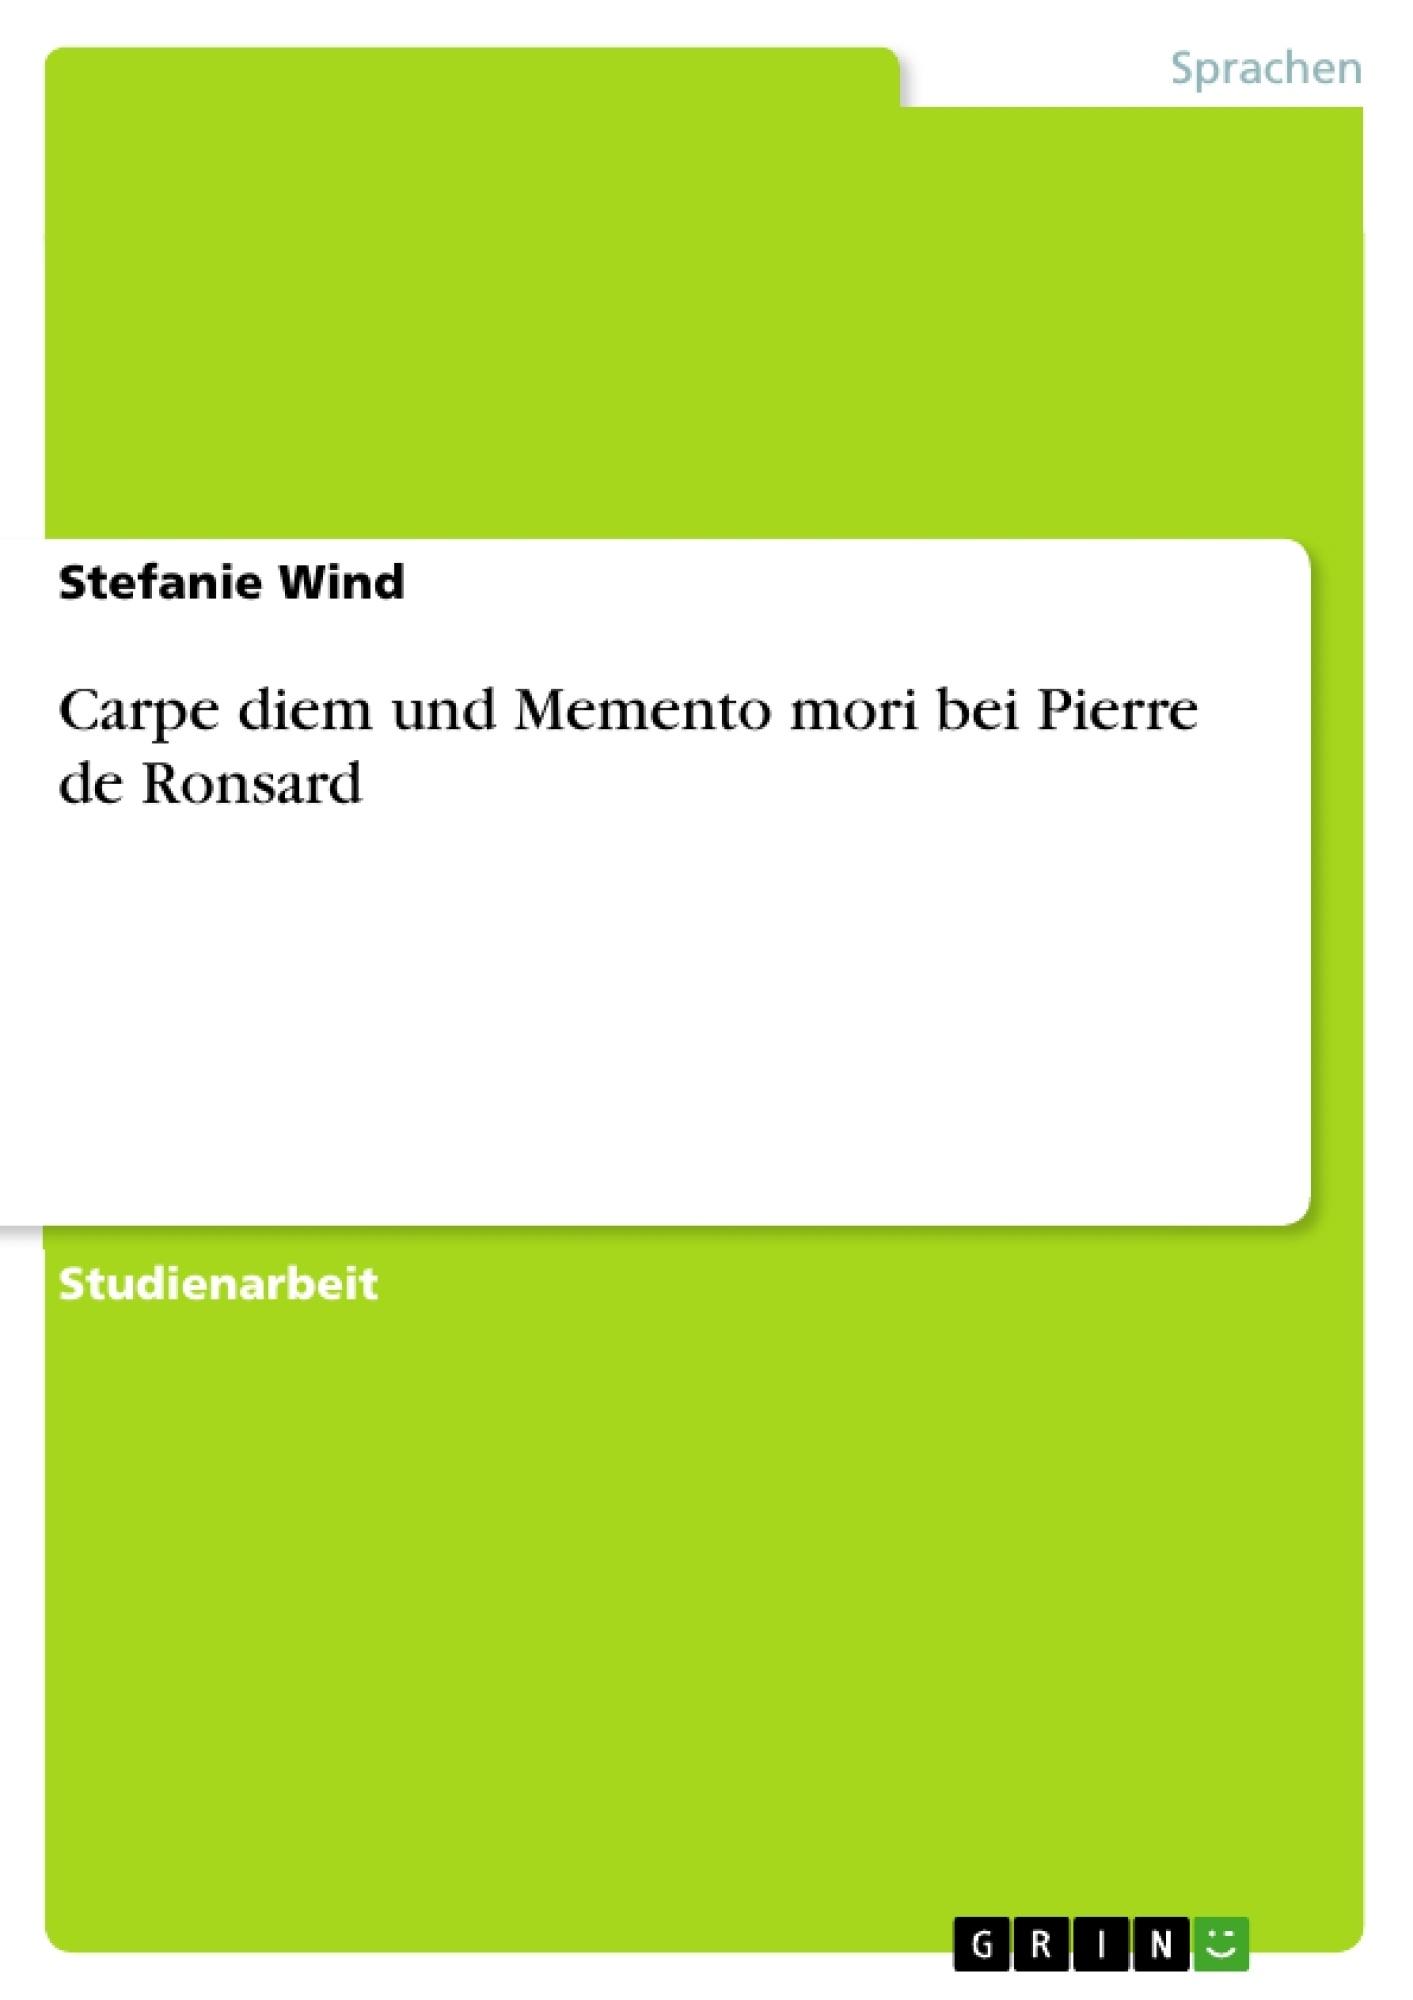 Titel: Carpe diem und Memento mori bei Pierre de Ronsard